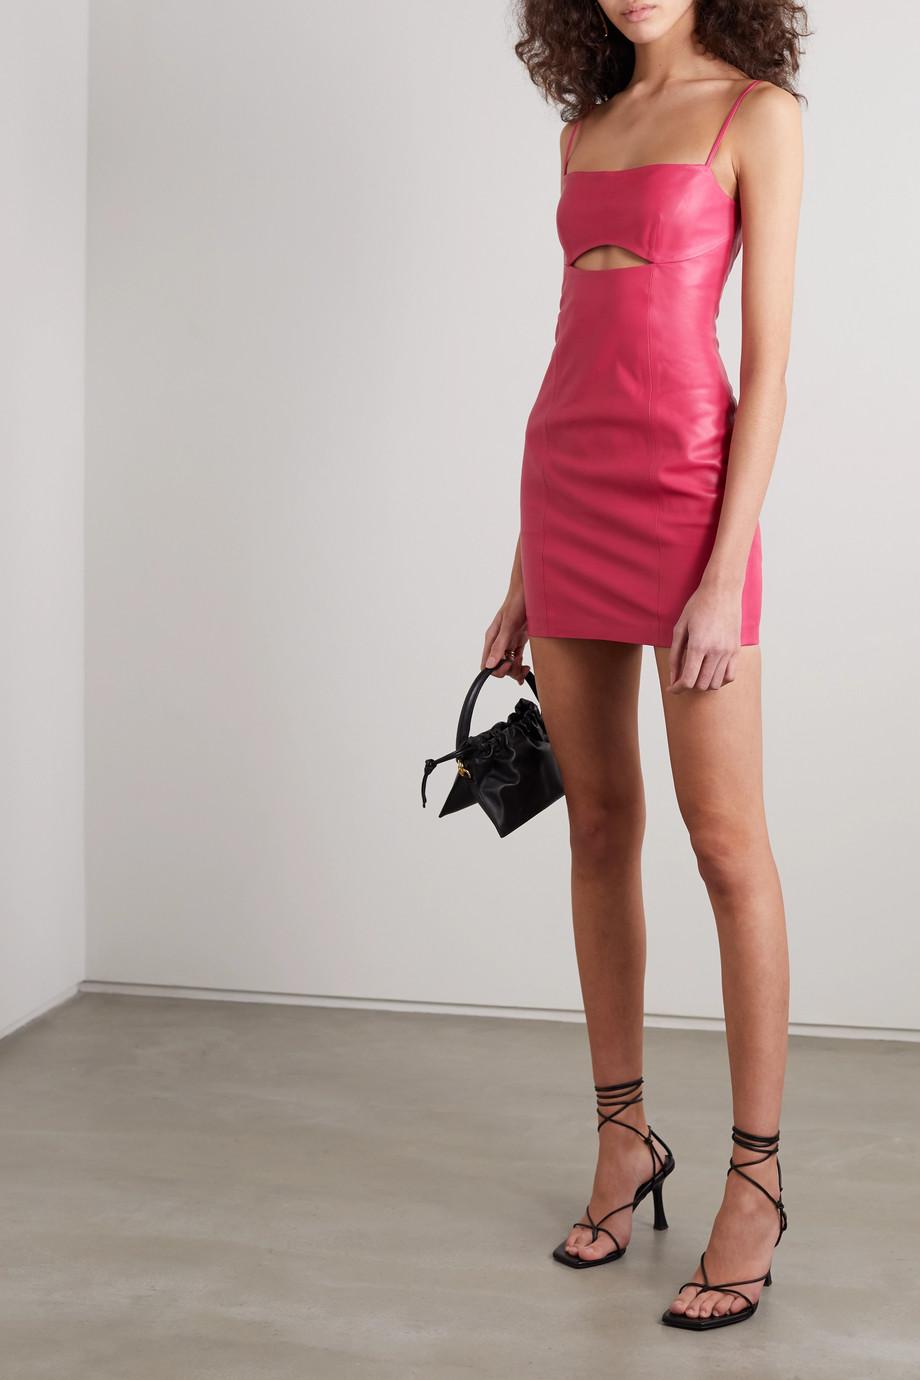 Zeynep Arcay 挖剪皮革迷你连衣裙